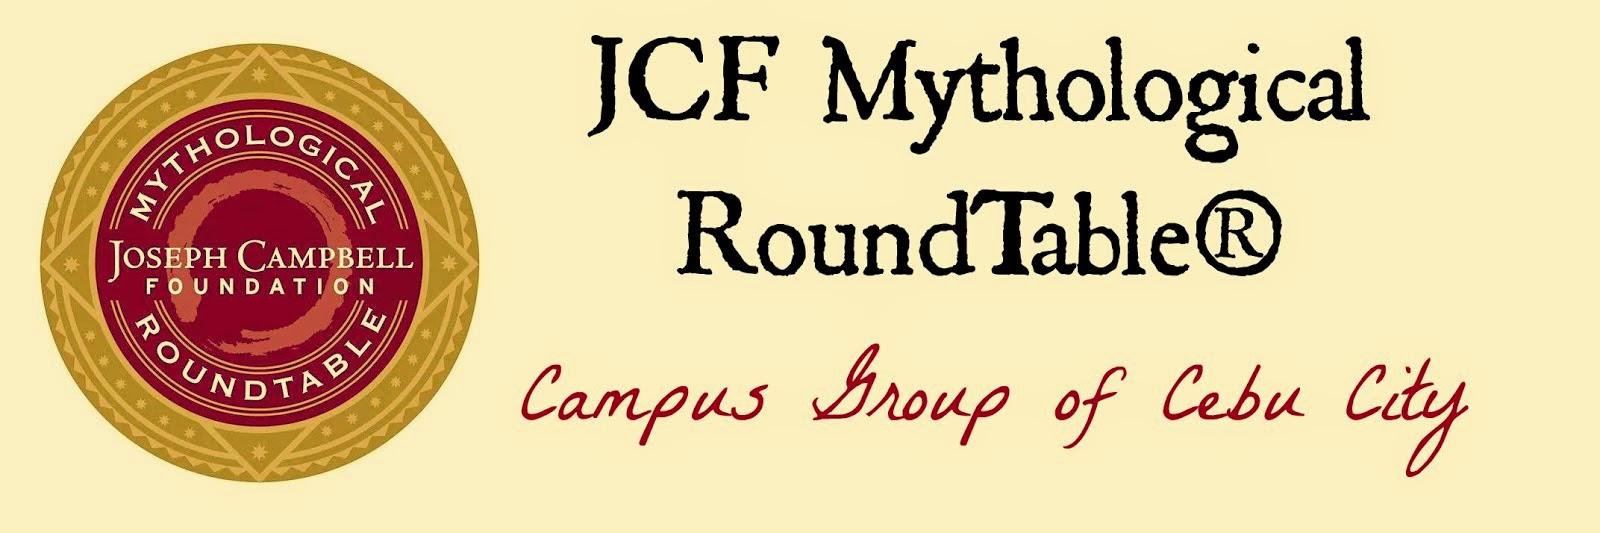 JCF Mythological RoundTable® Campus Group of Cebu City, Philippines